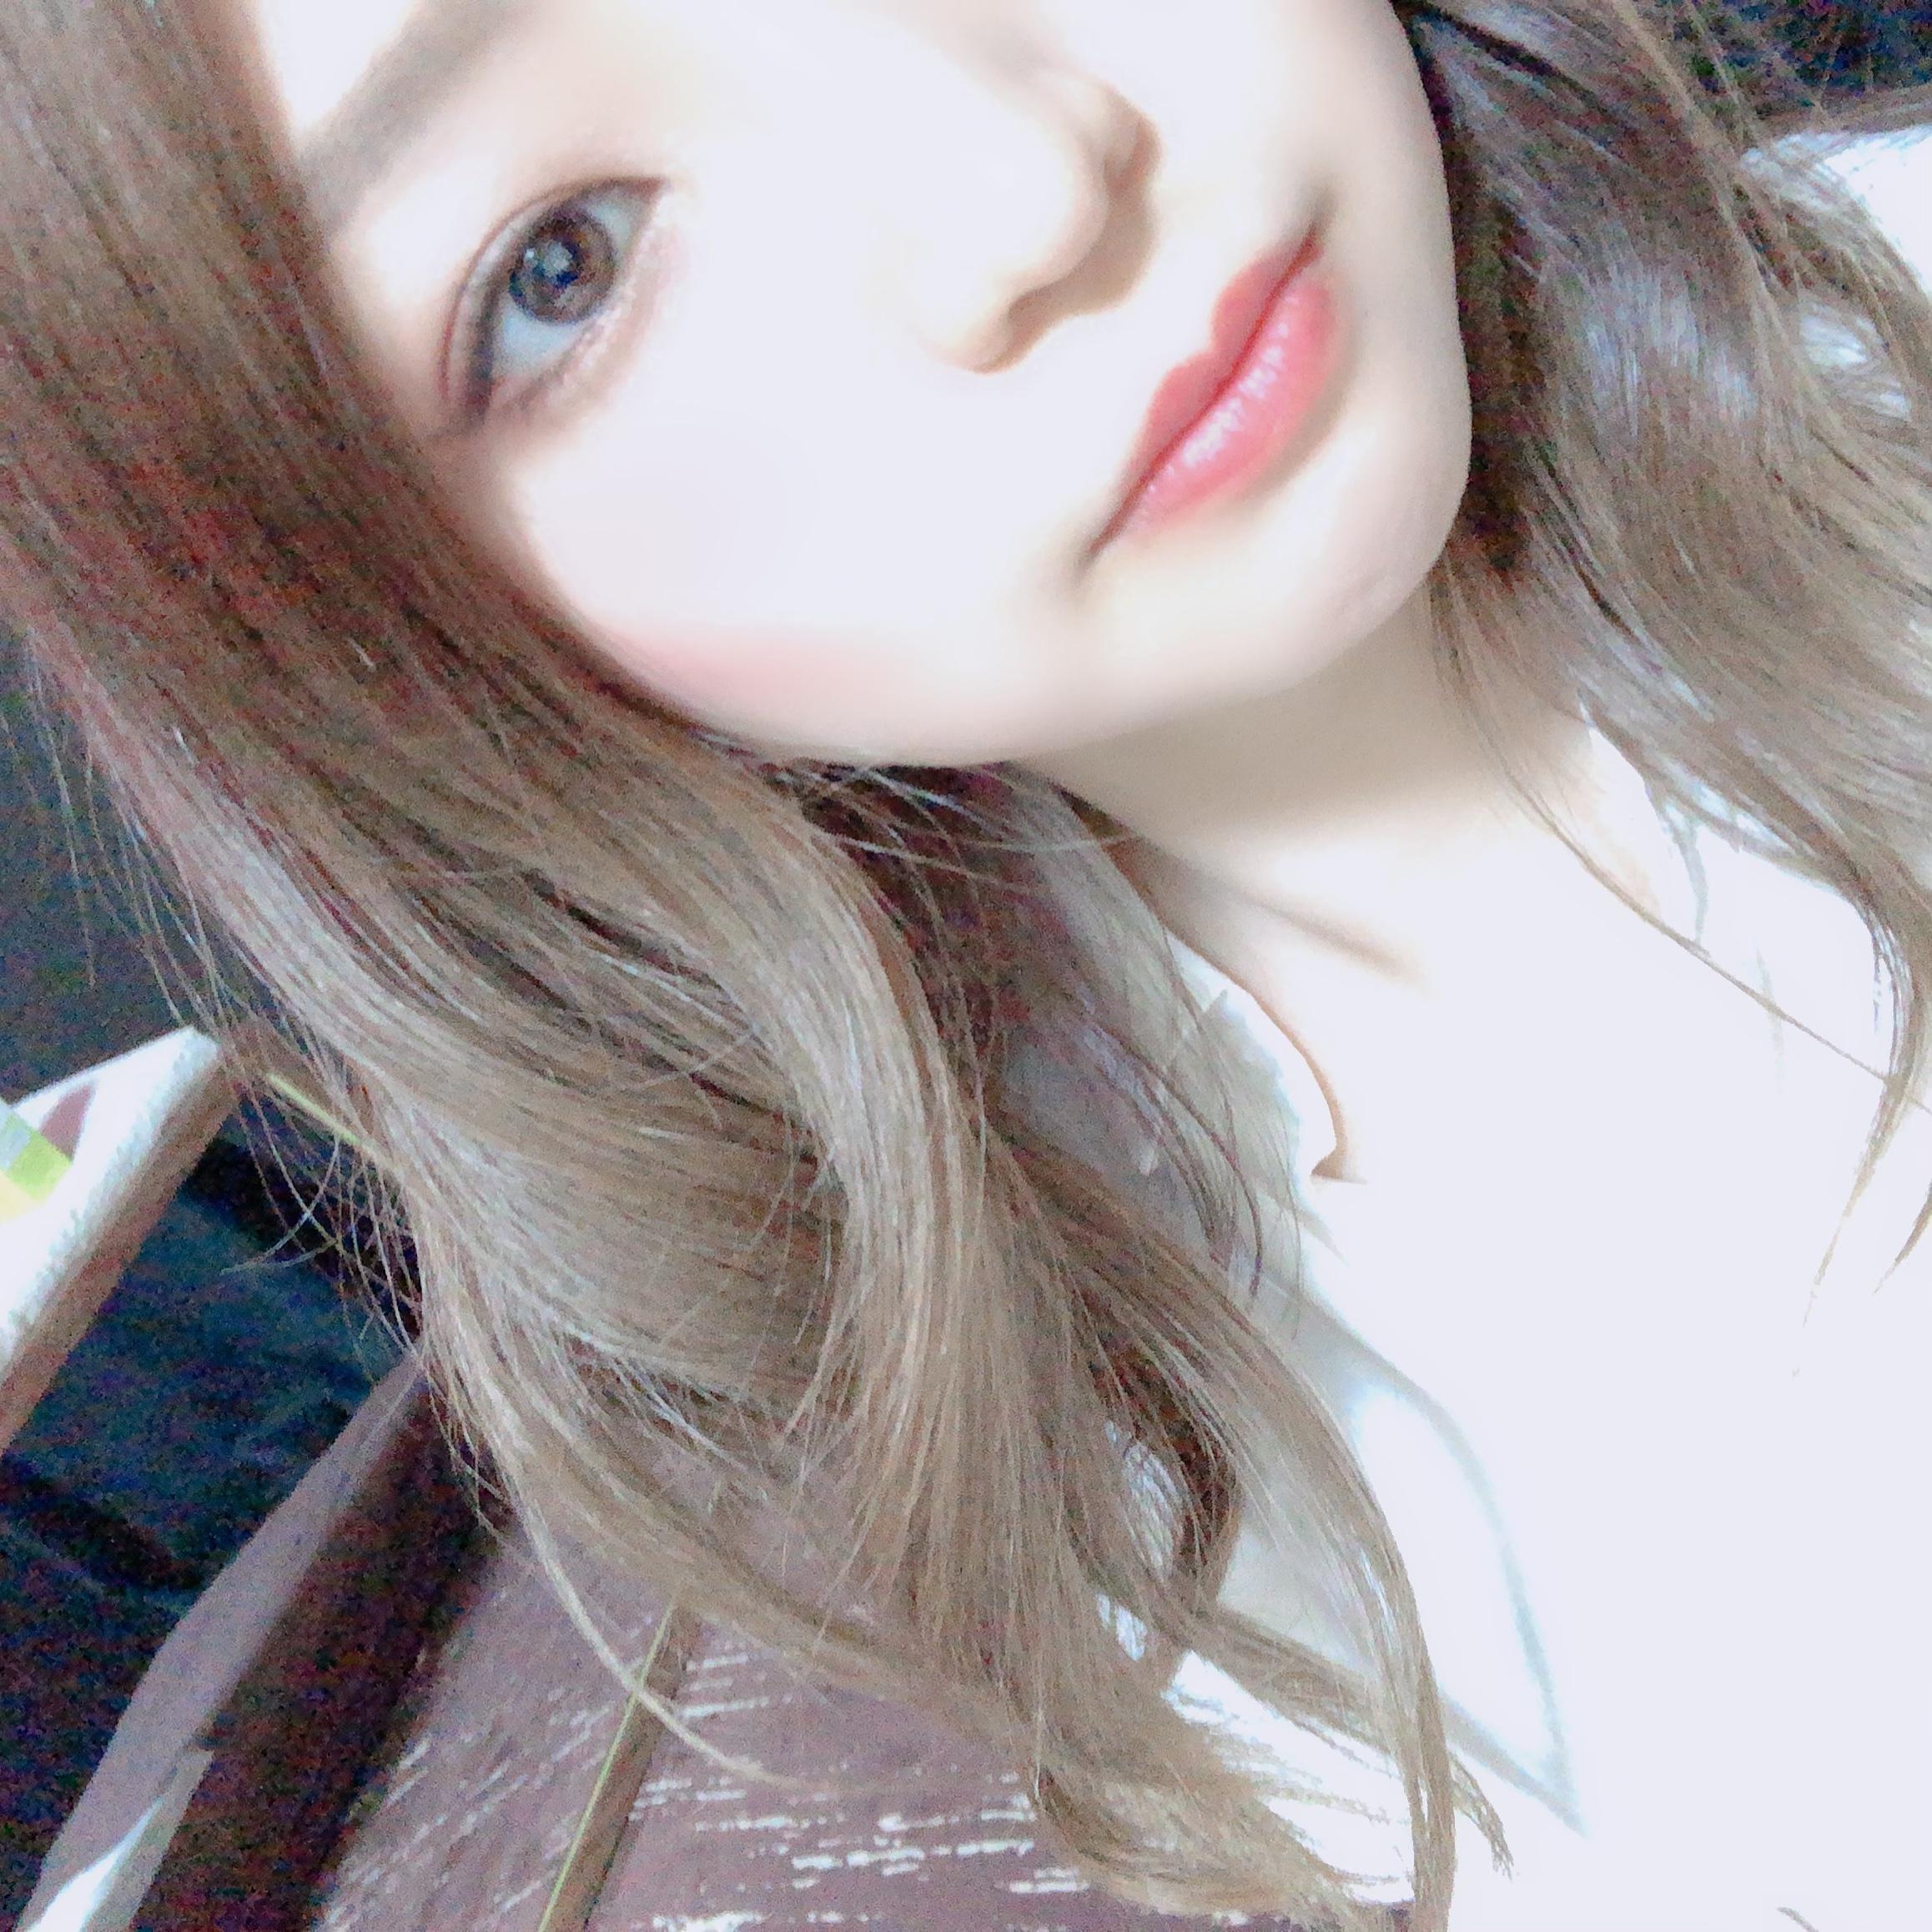 「お礼♥」09/20(09/20) 03:19   みきちゃんの写メ・風俗動画